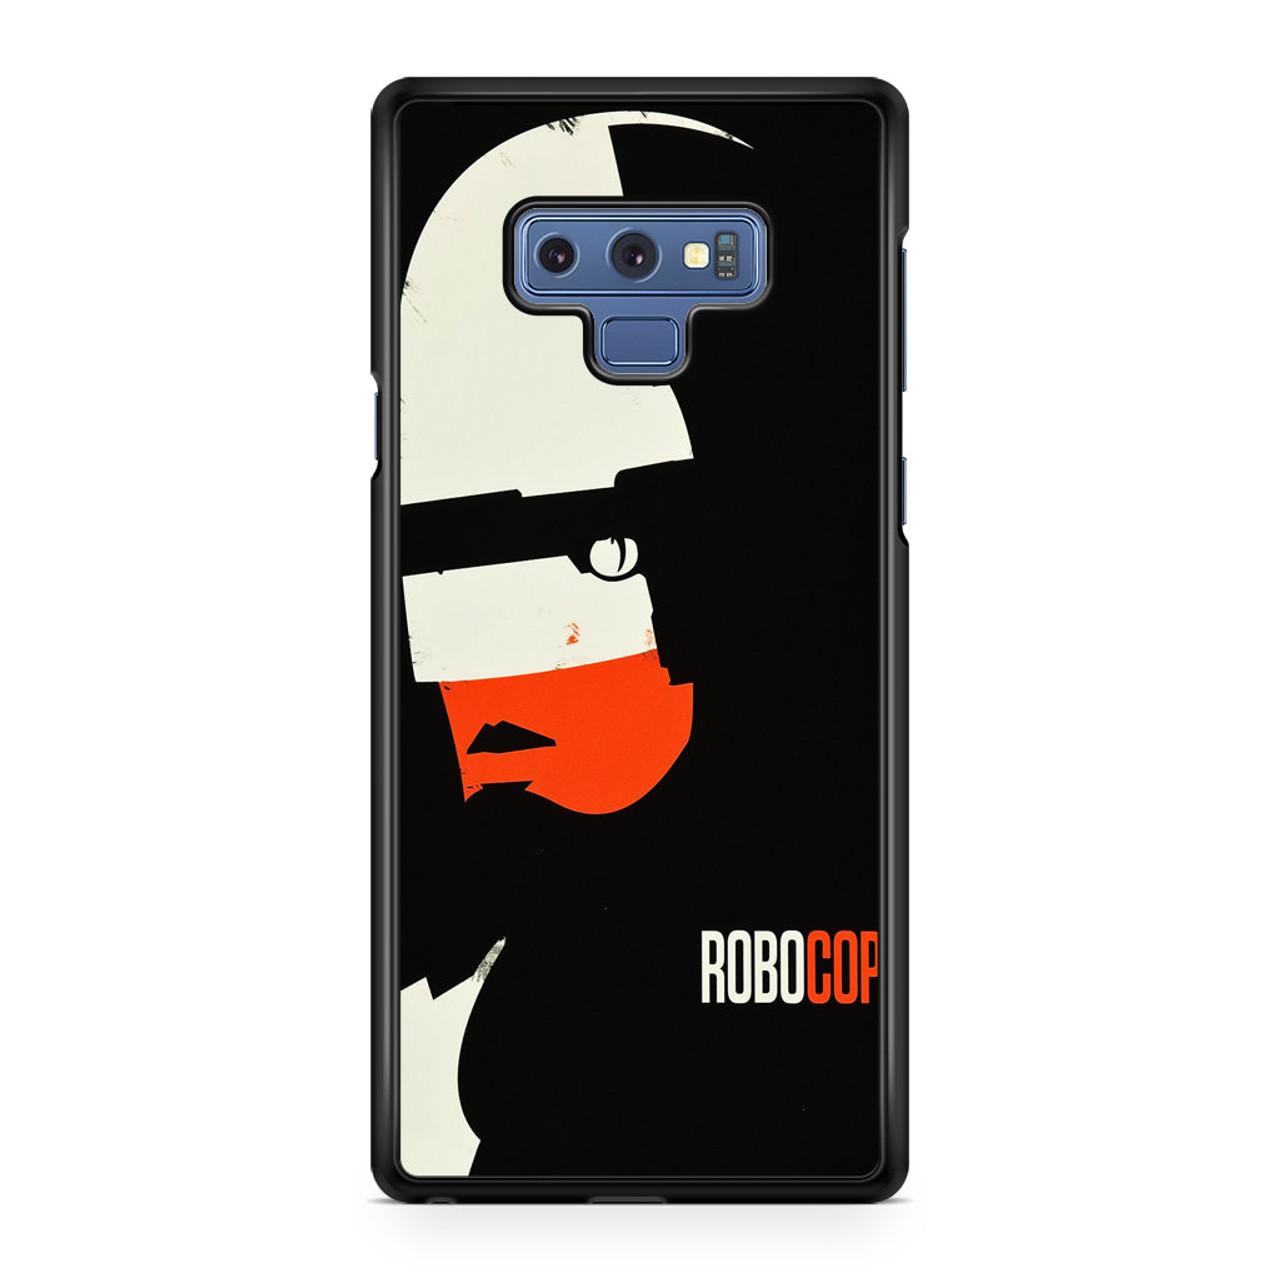 Robocop Drawing Samsung Galaxy Note 9 Case